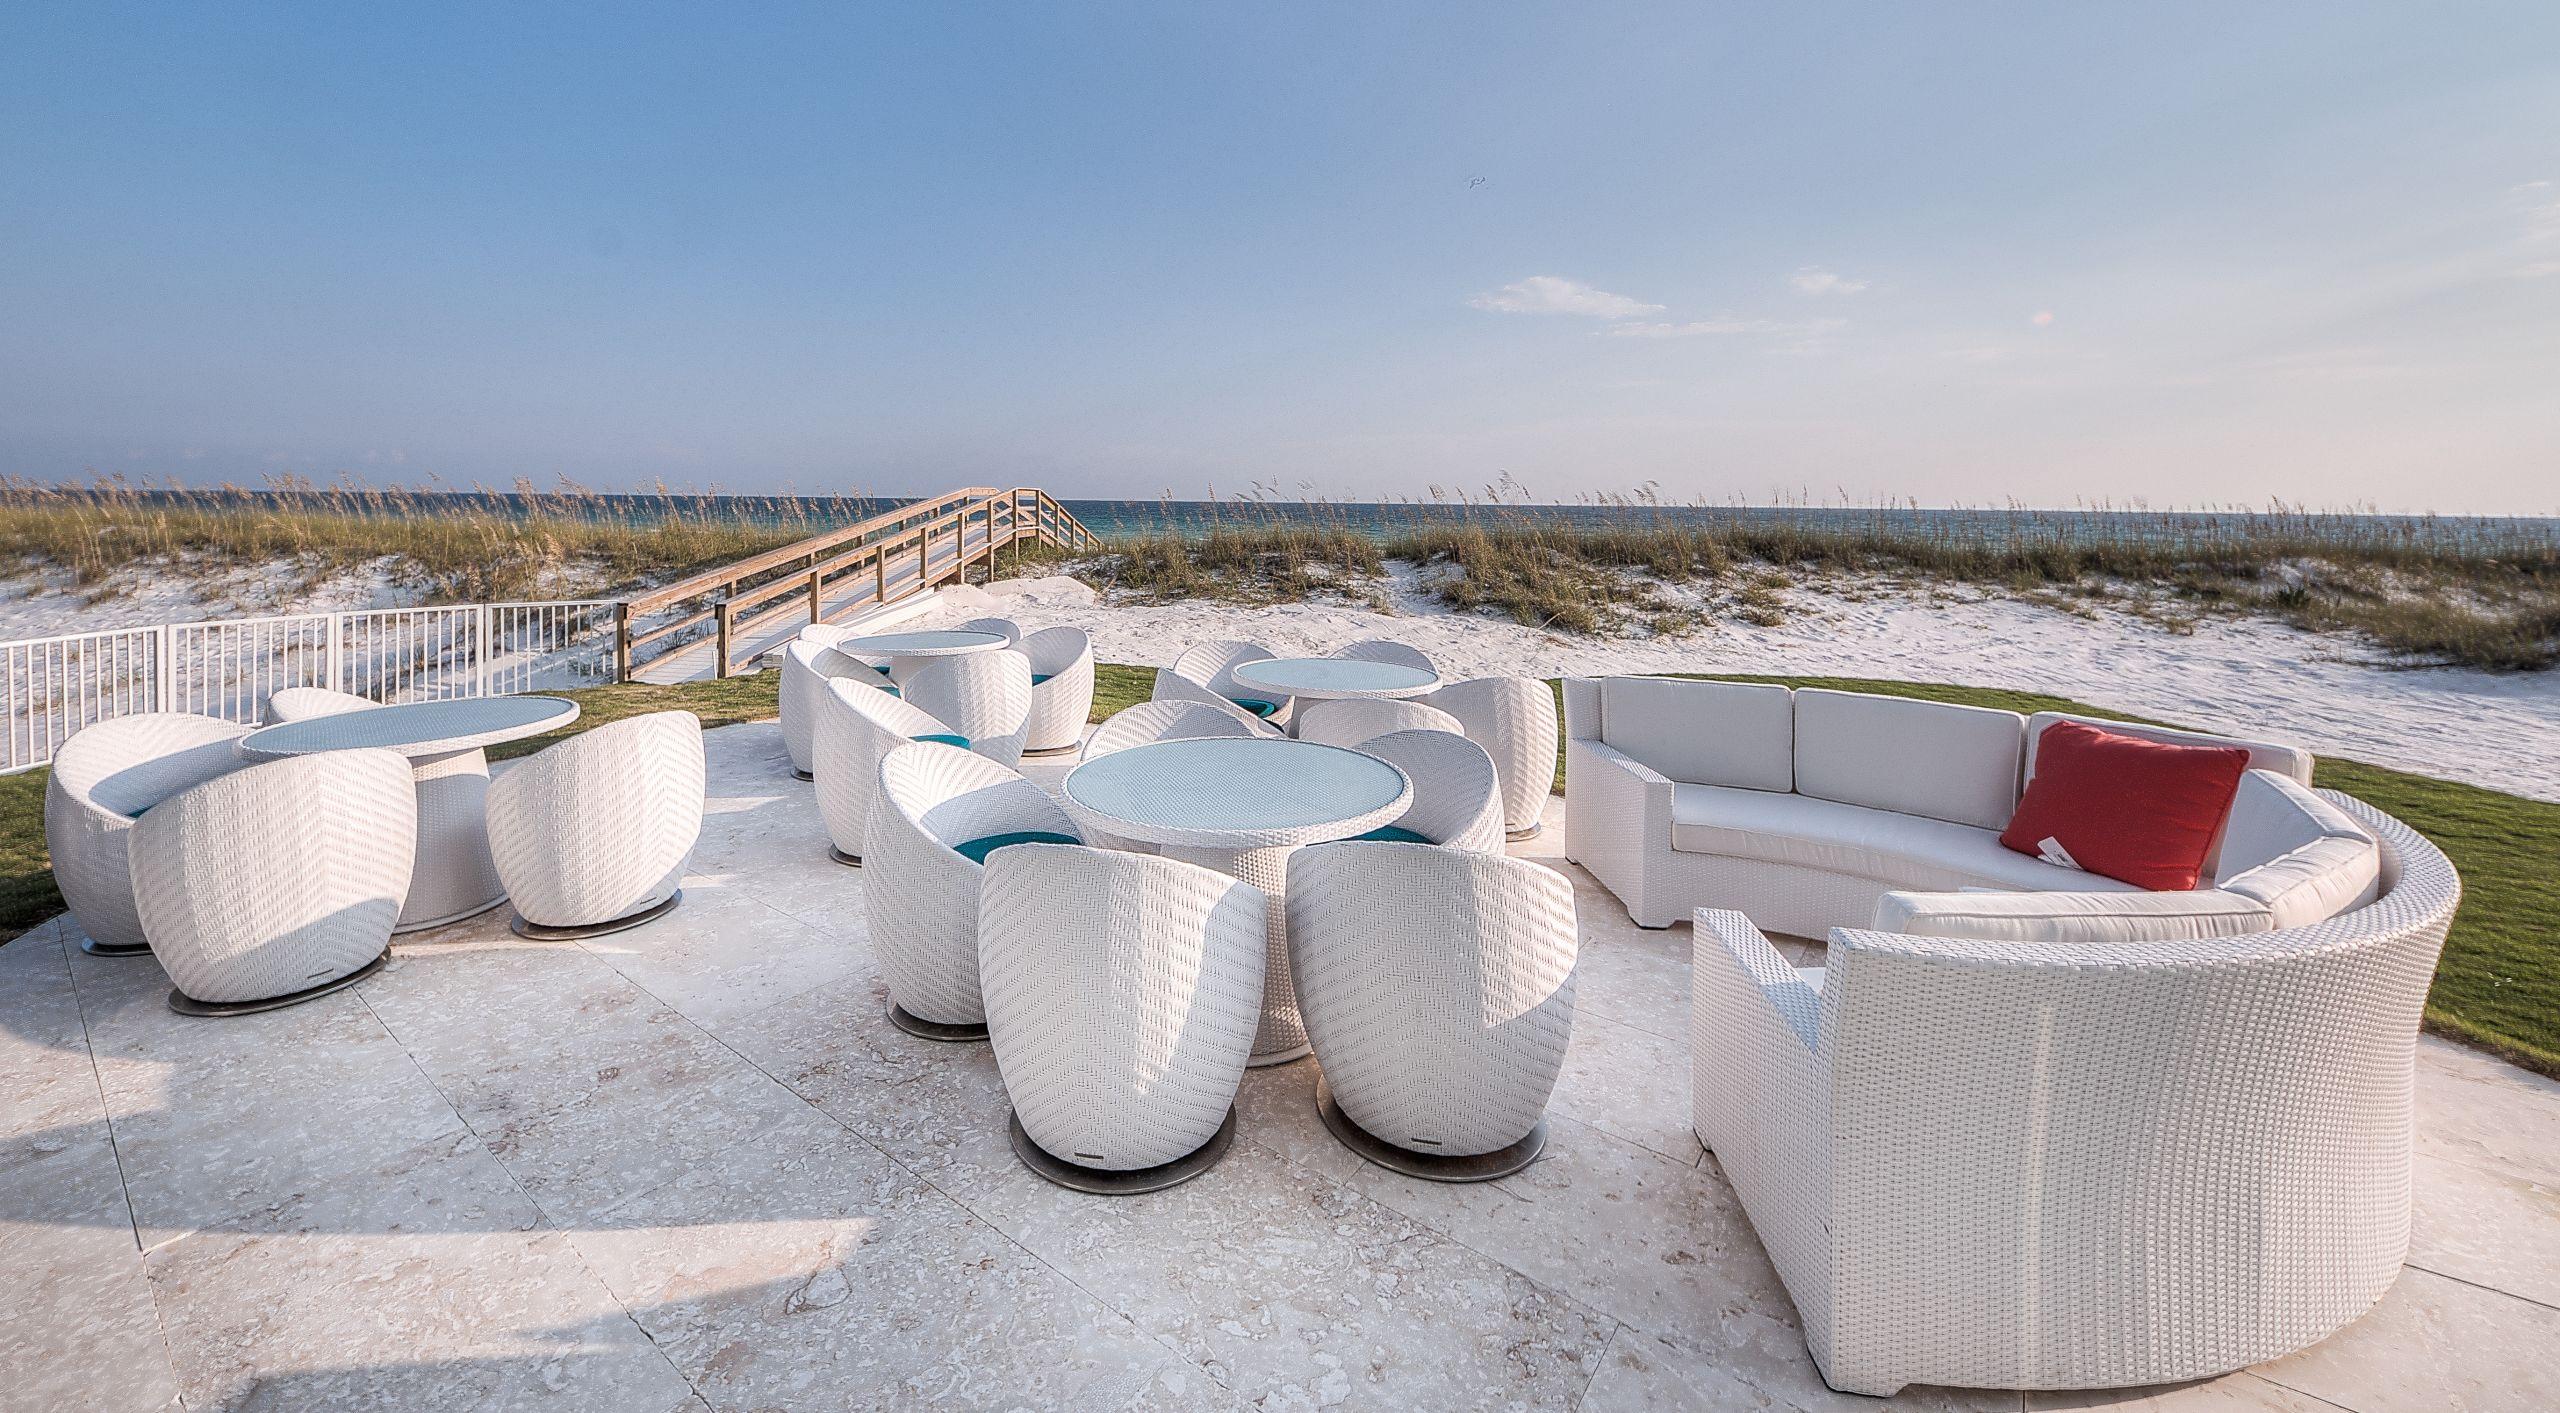 Sold | 618 Gulf Shore Drive | $6,520,000